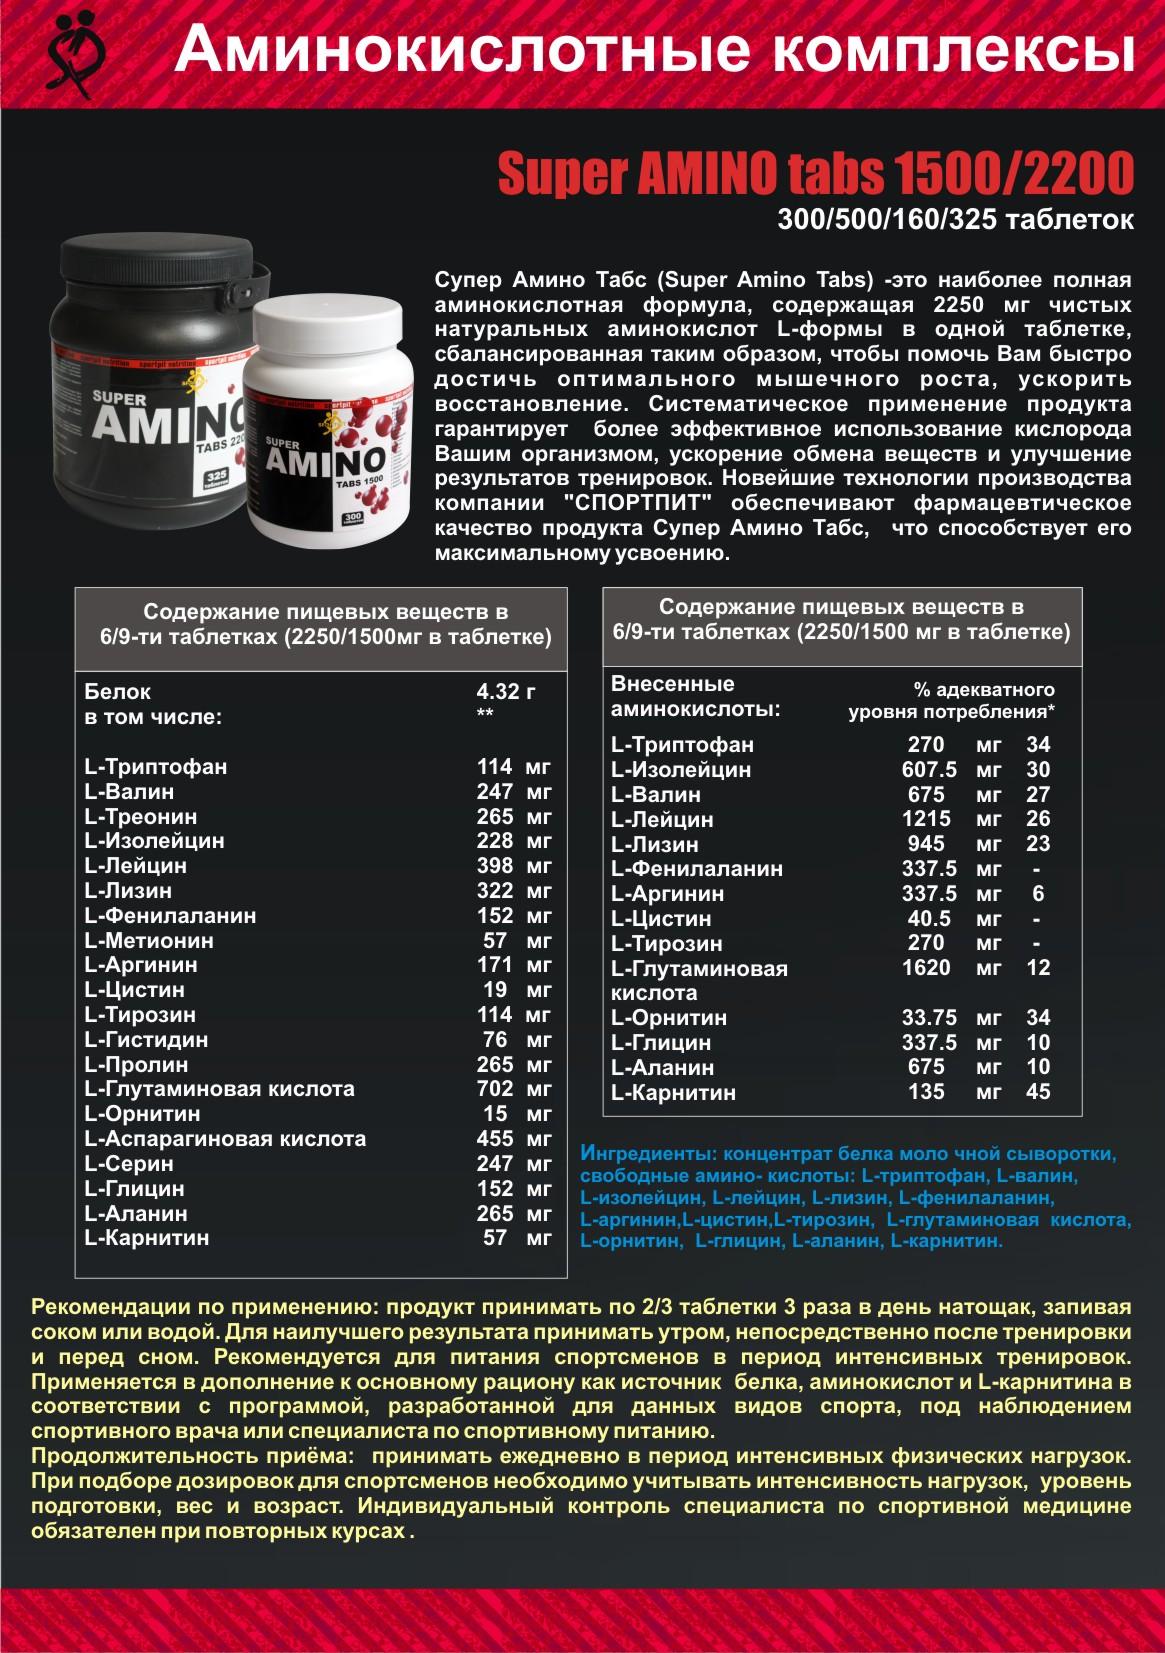 Как принимать аминокислоты в порошке: инструкция по применению, эффективность, отзывы